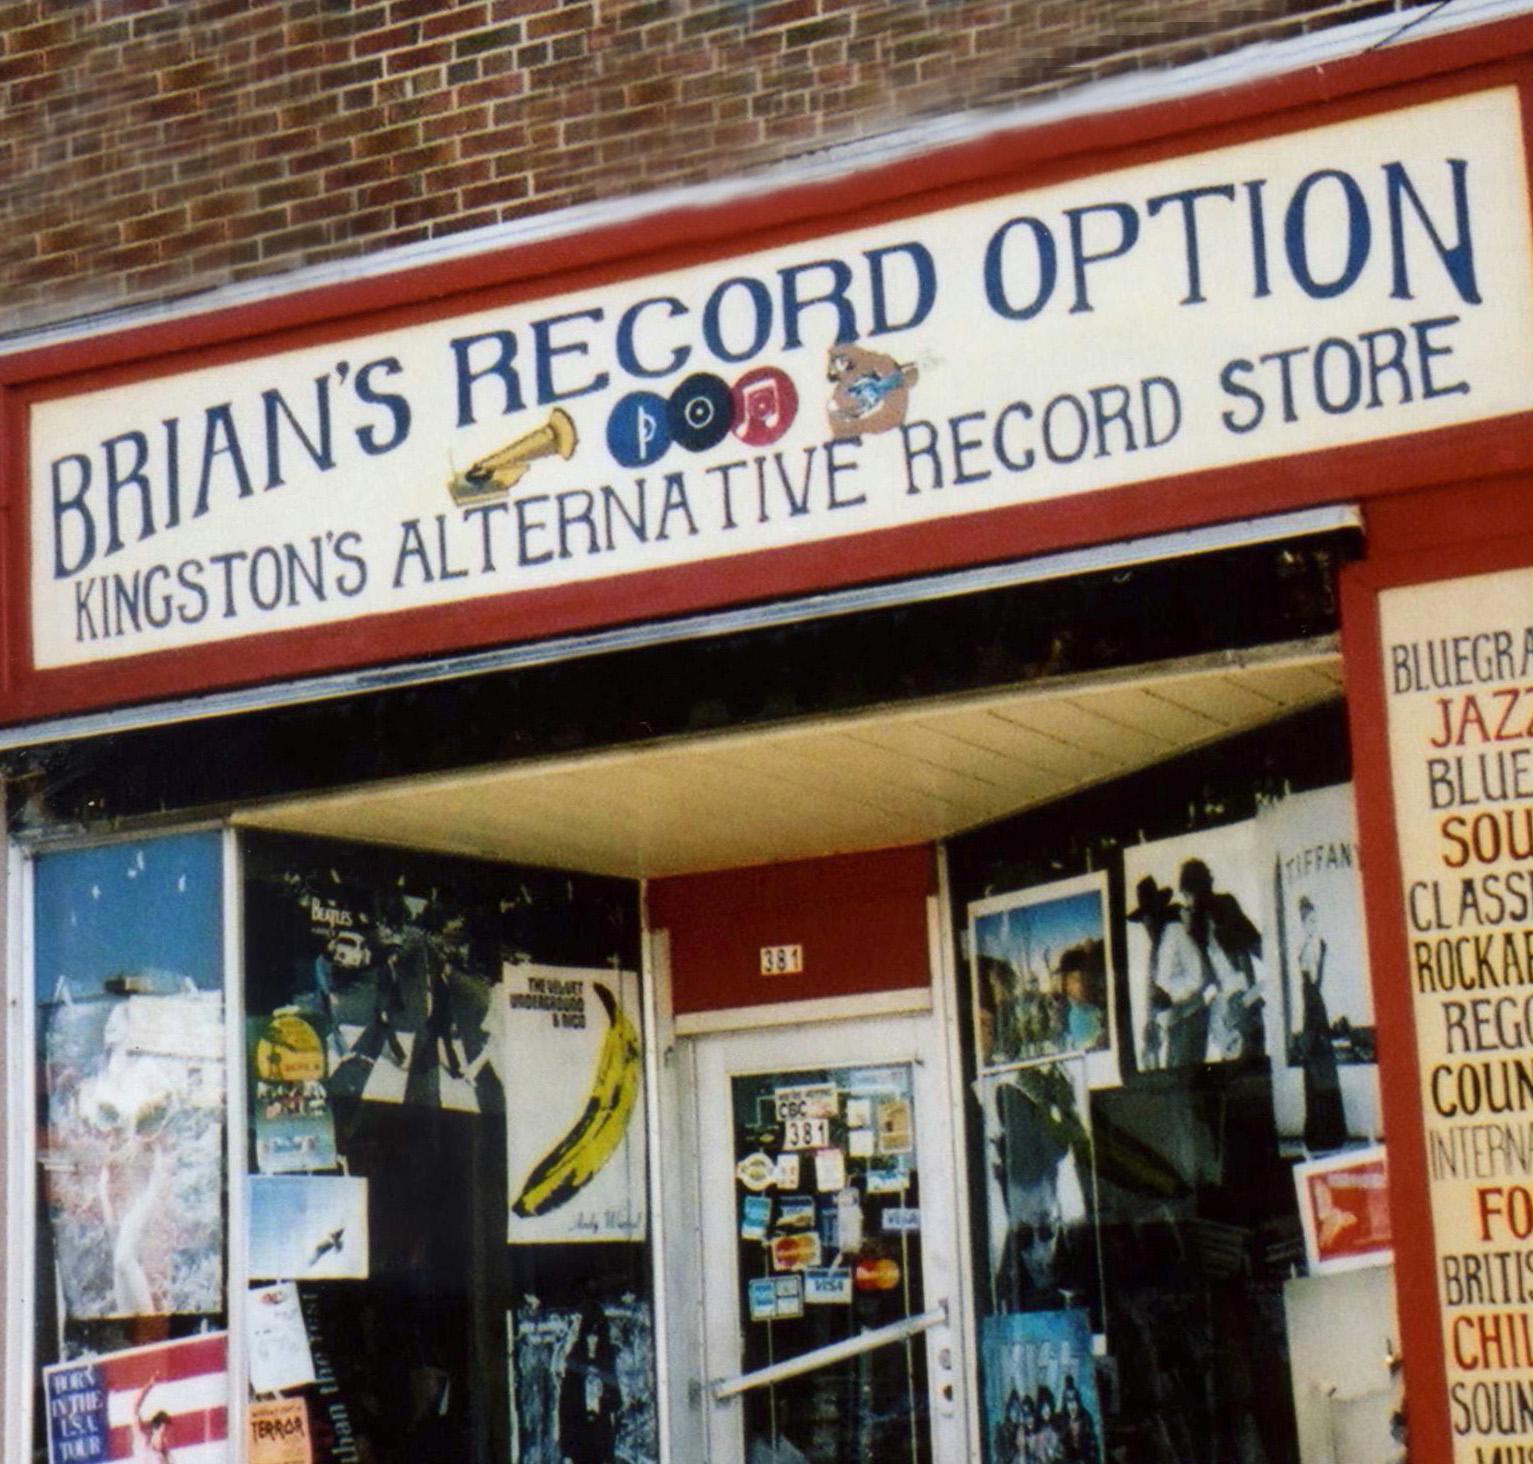 Brian's Record Option